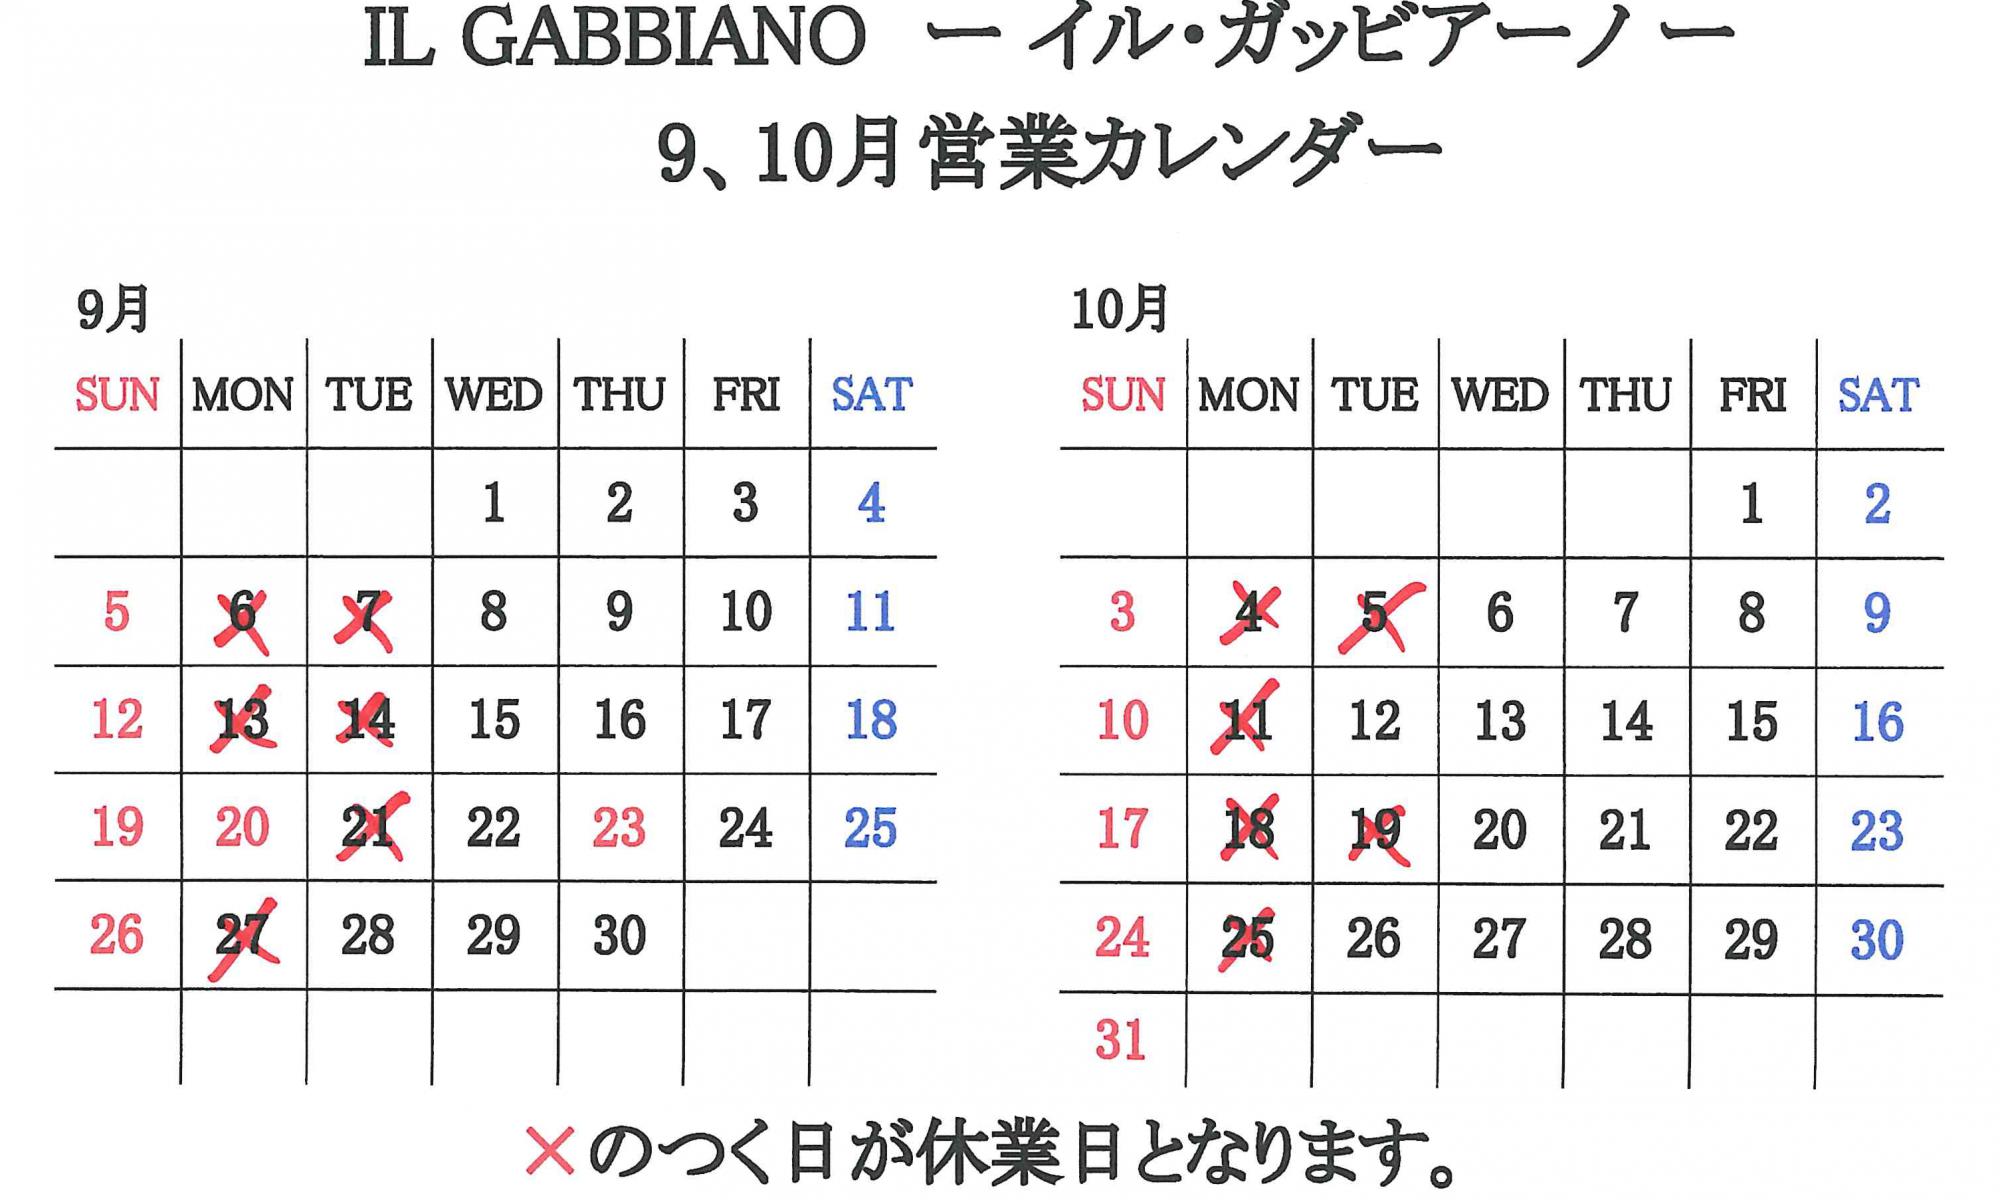 IL GABBIANO(イル・ガッビアーノ)